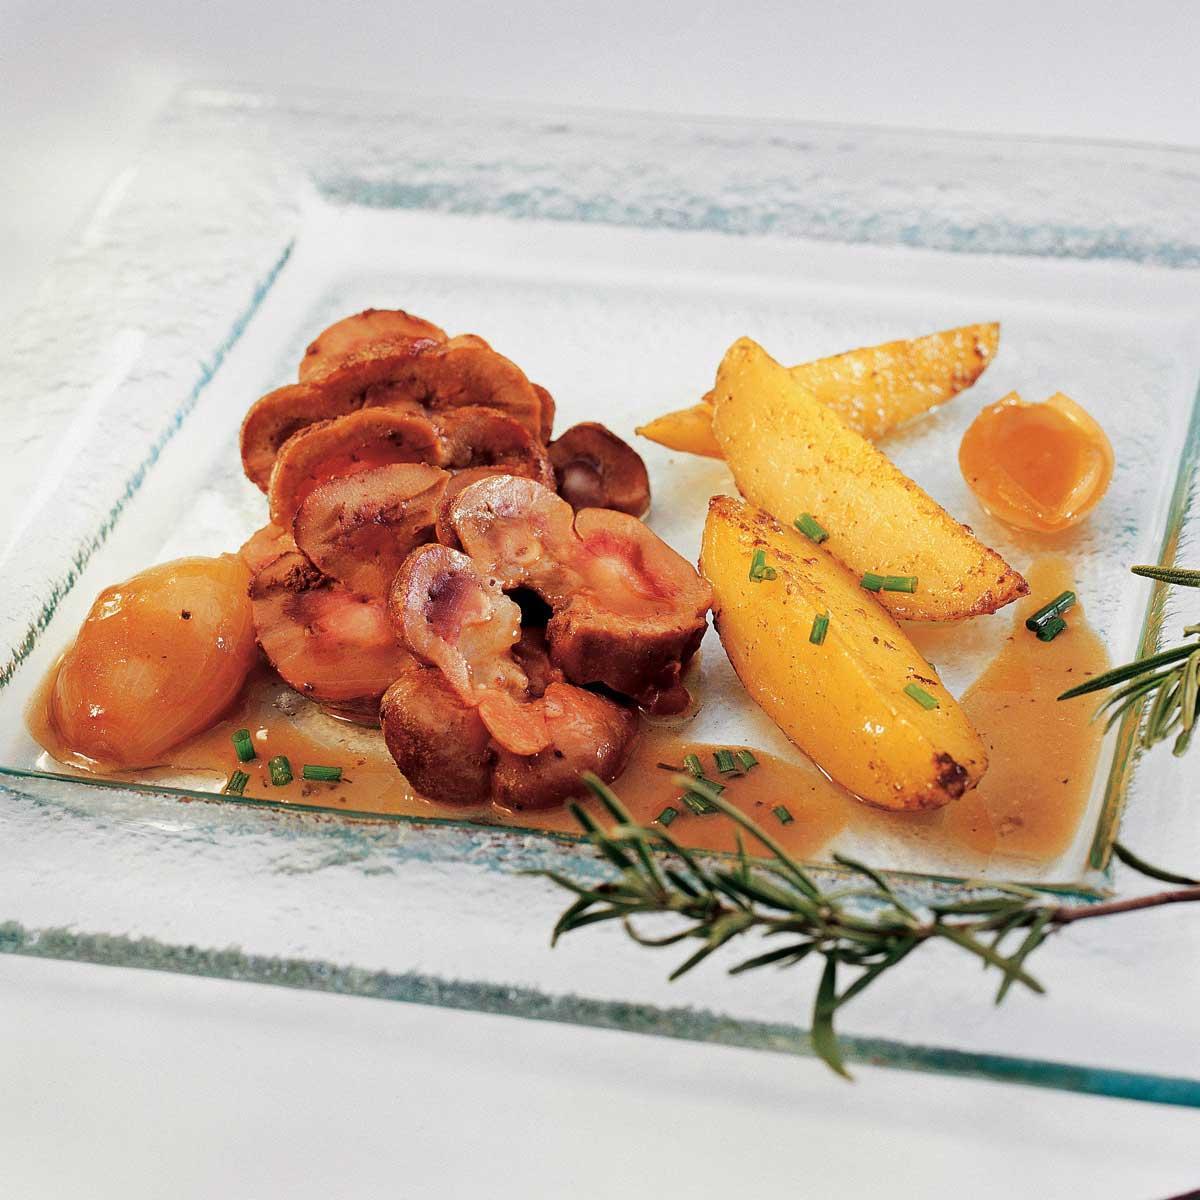 Minc de rognon de veau une recette terroir cuisine le figaro madame - Recette de rognons de veau ...